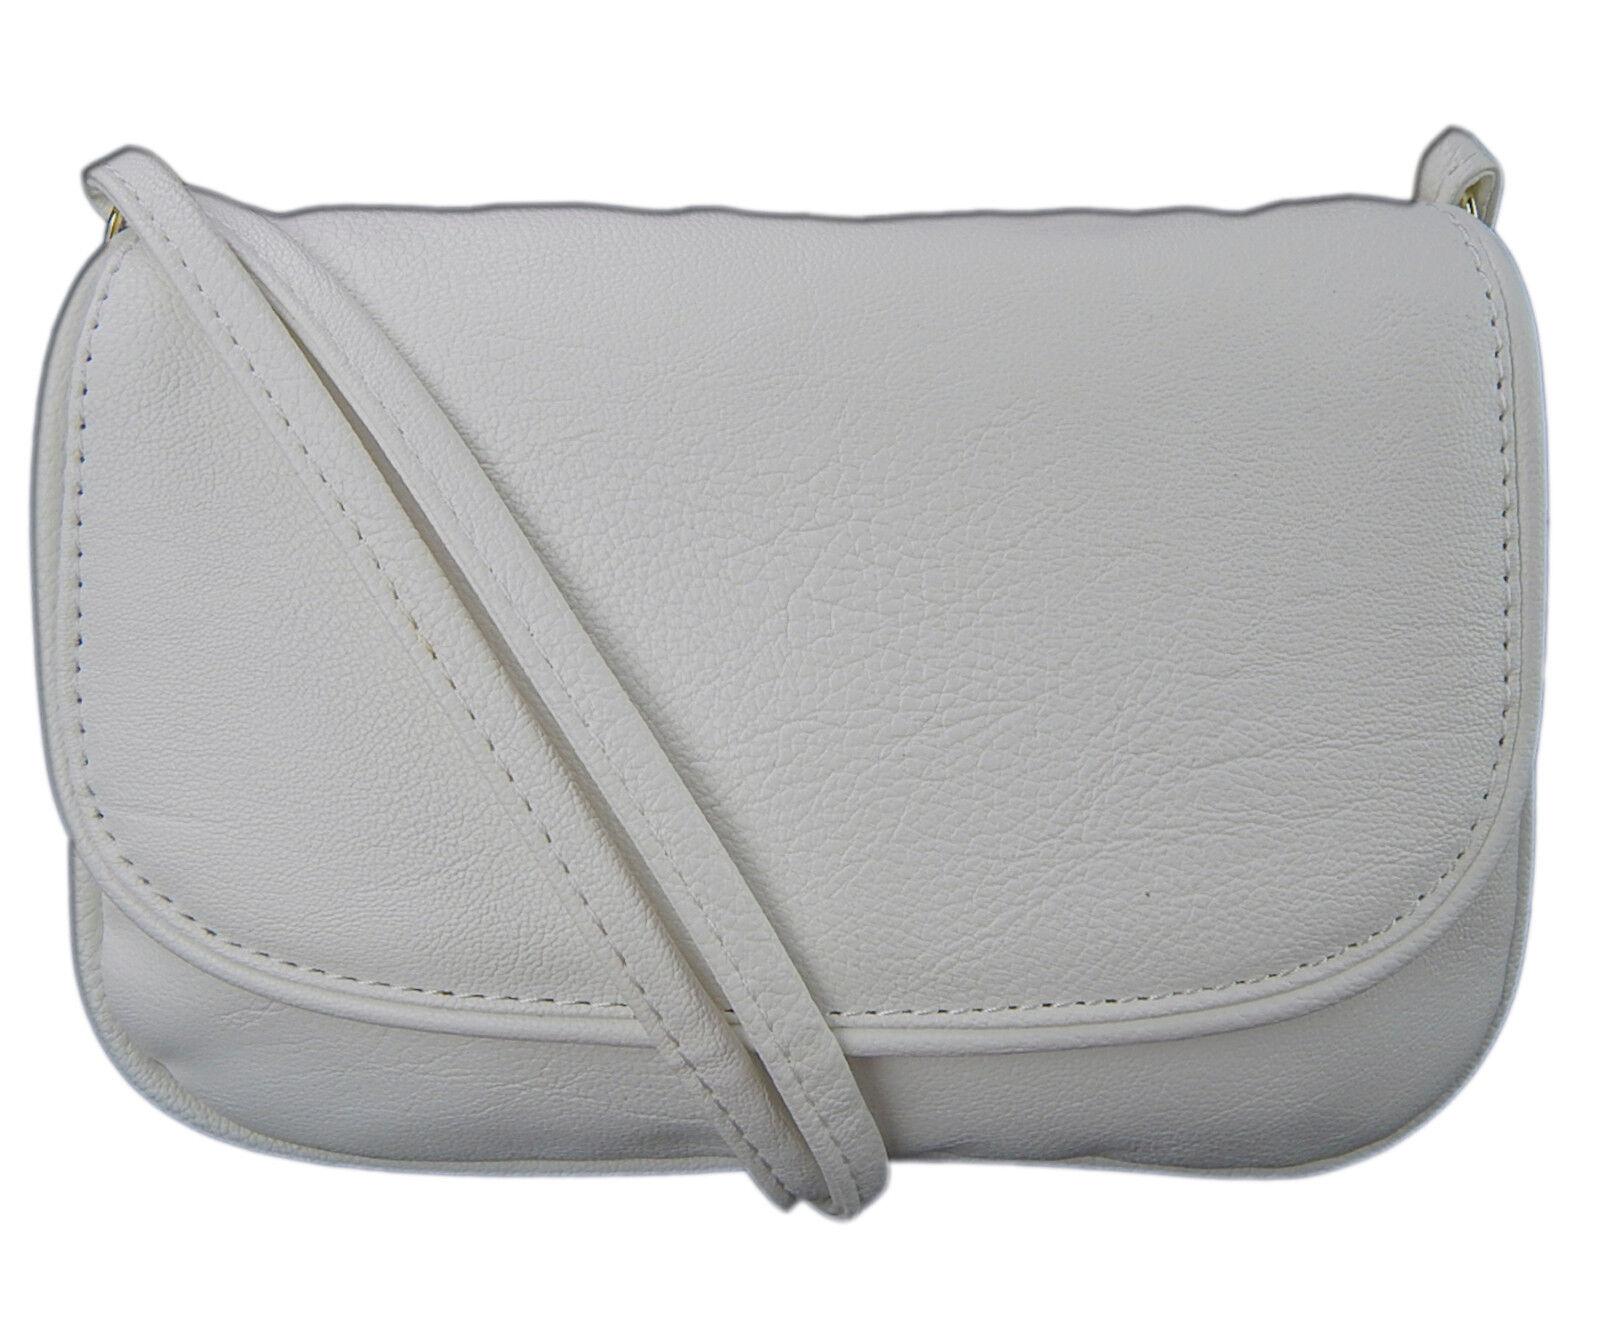 Abendtasche Frauen Exklusive Premium Kleine Handtasche Umhängetasche Weiß 0